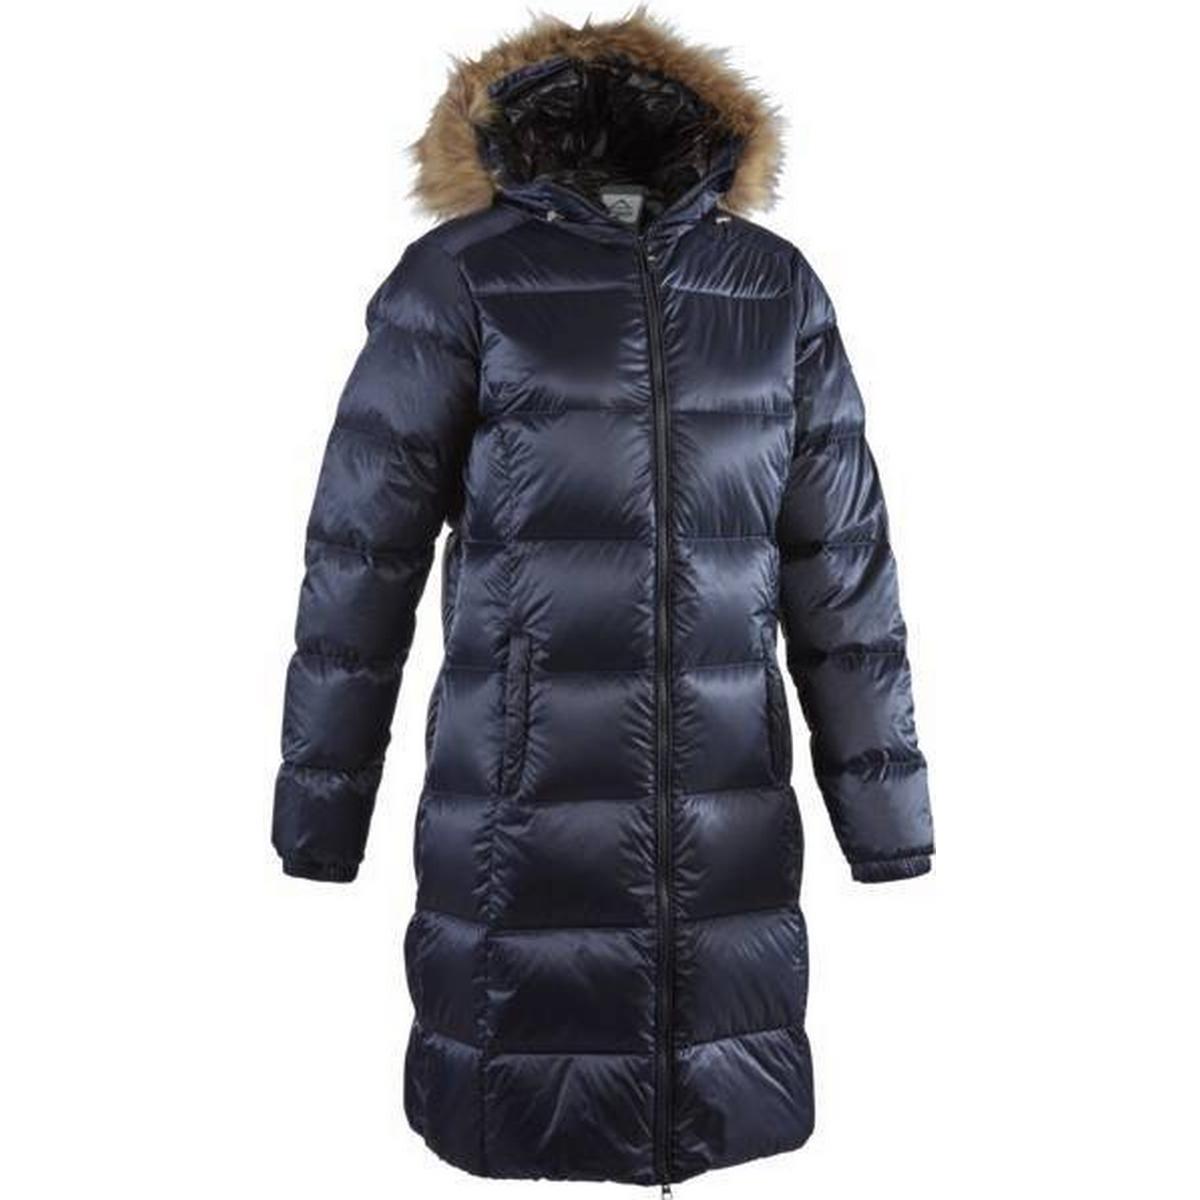 edfa2e61d26 Mckinley Ytterkläder Damkläder - Jämför priser på PriceRunner